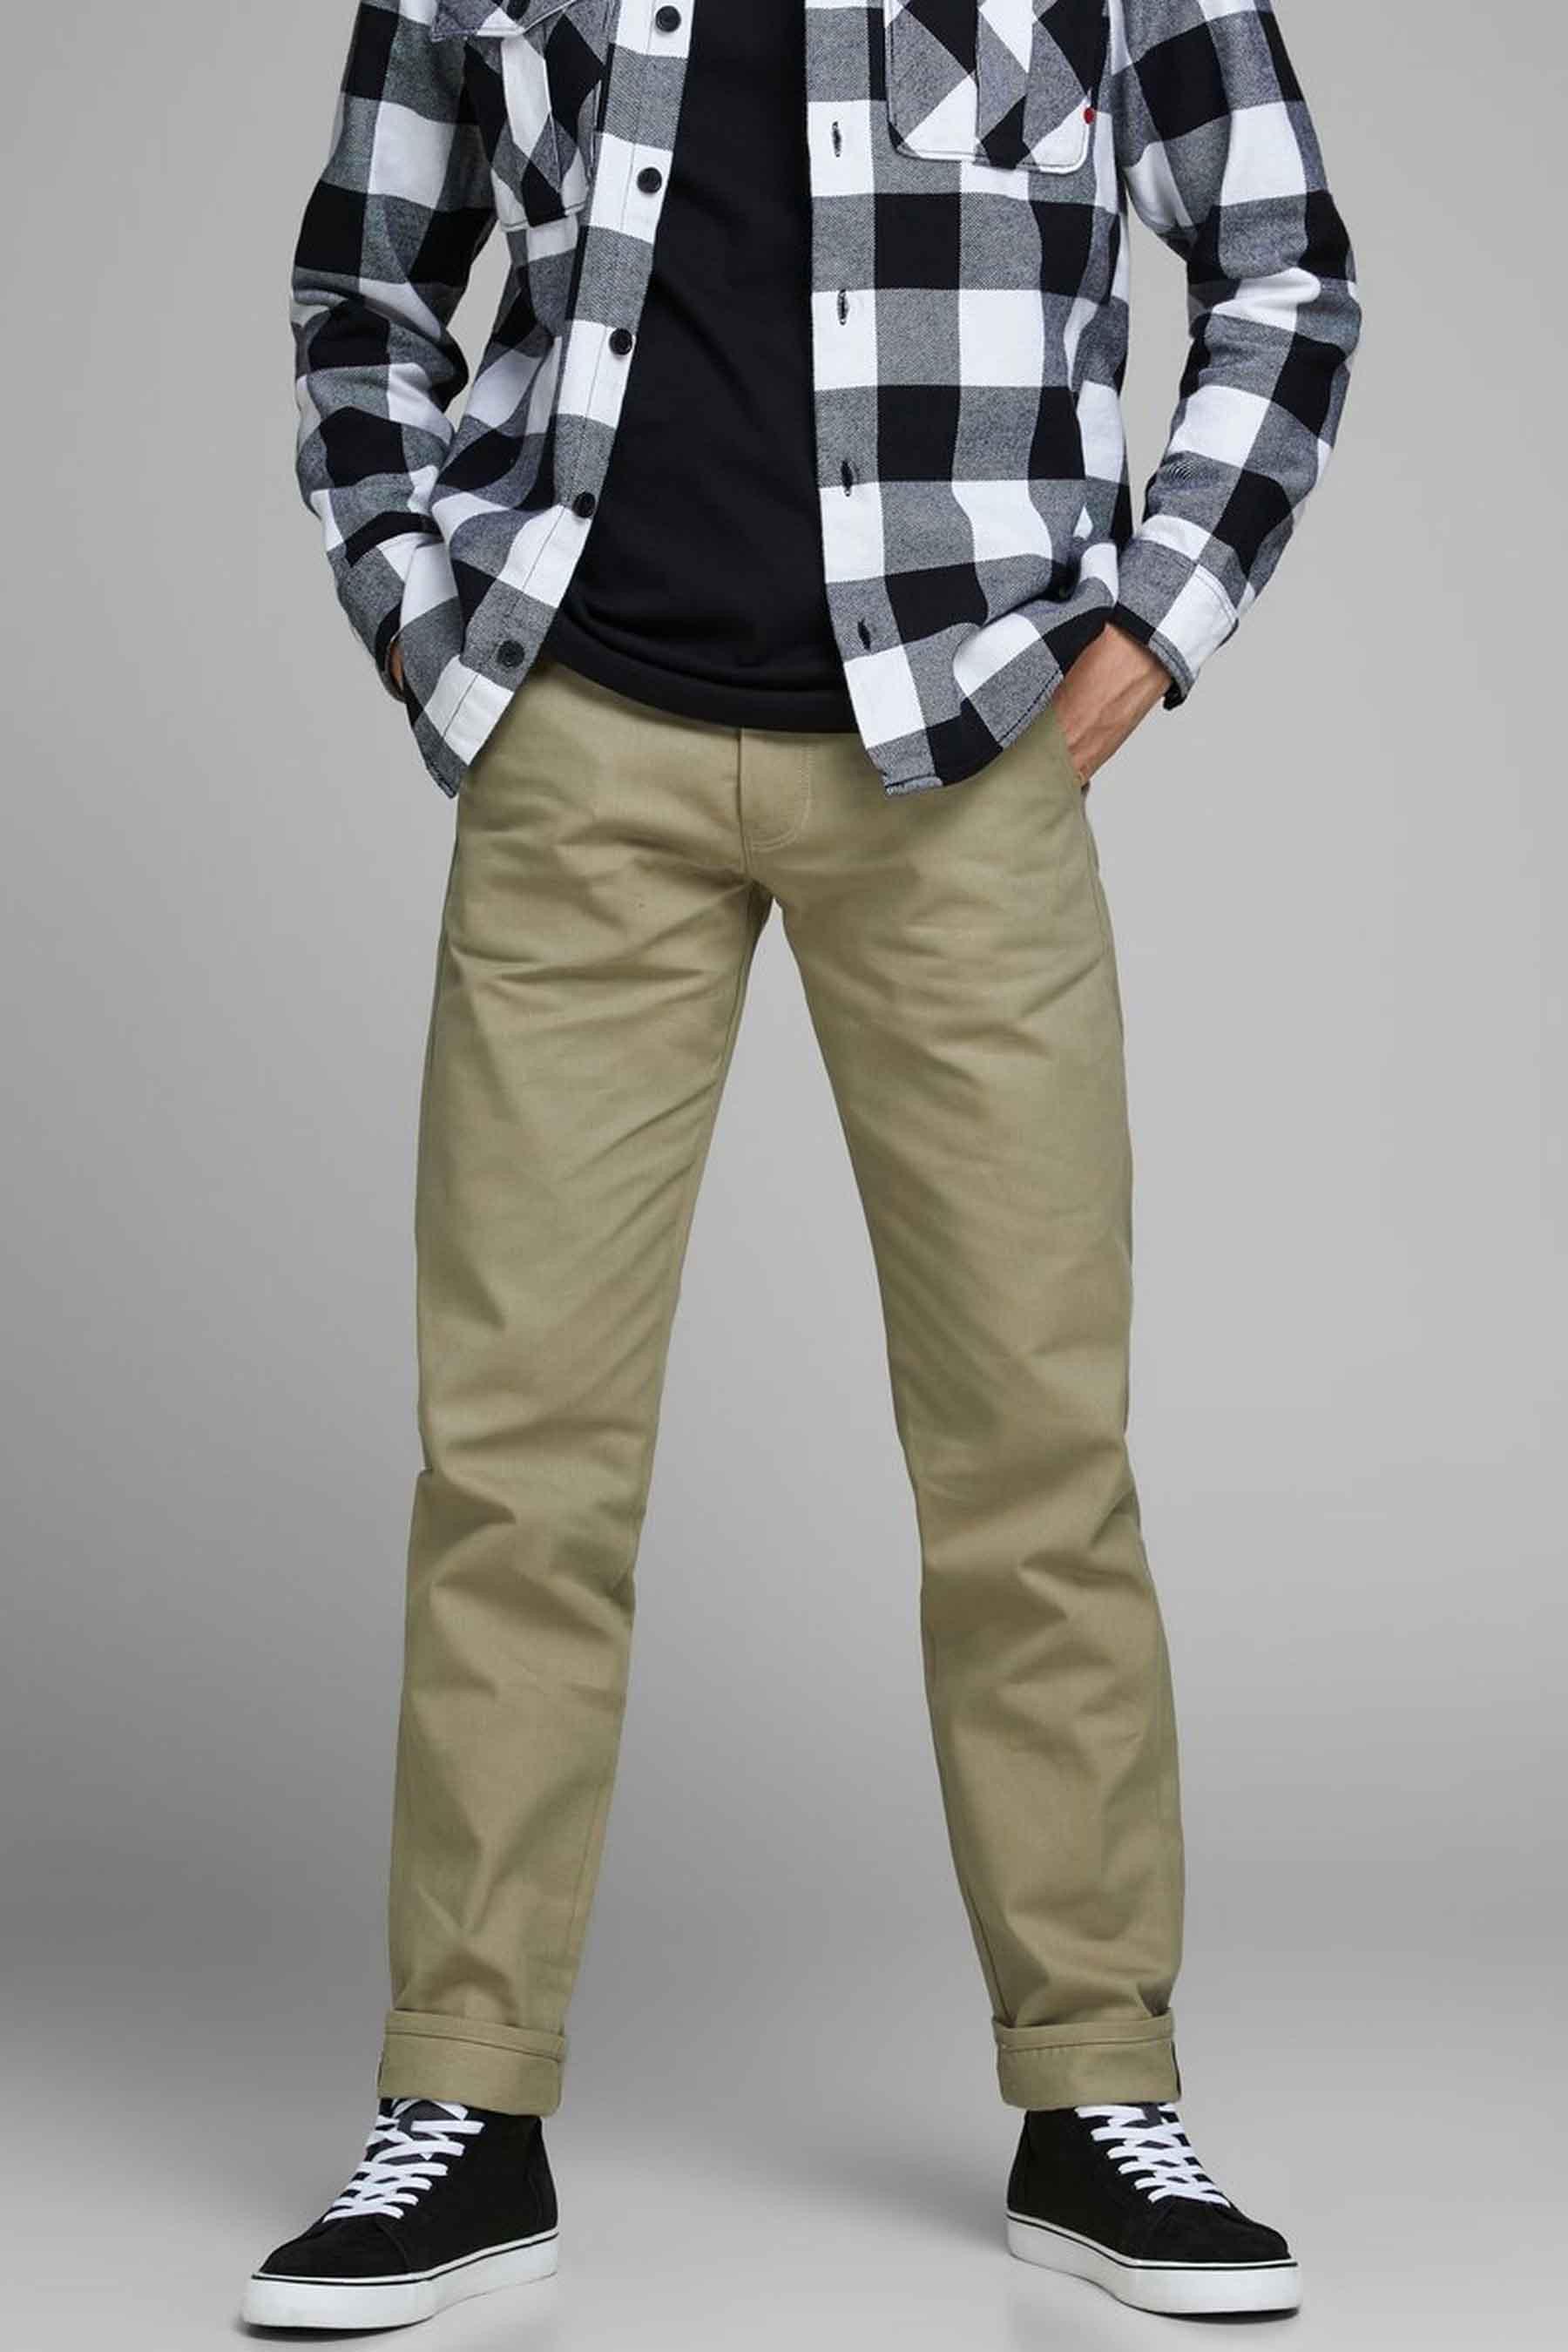 Jack & Jones Jeans Intelligenc Colorbroek, Rood, Heren, Maat: 27x32/28x32/28x34/